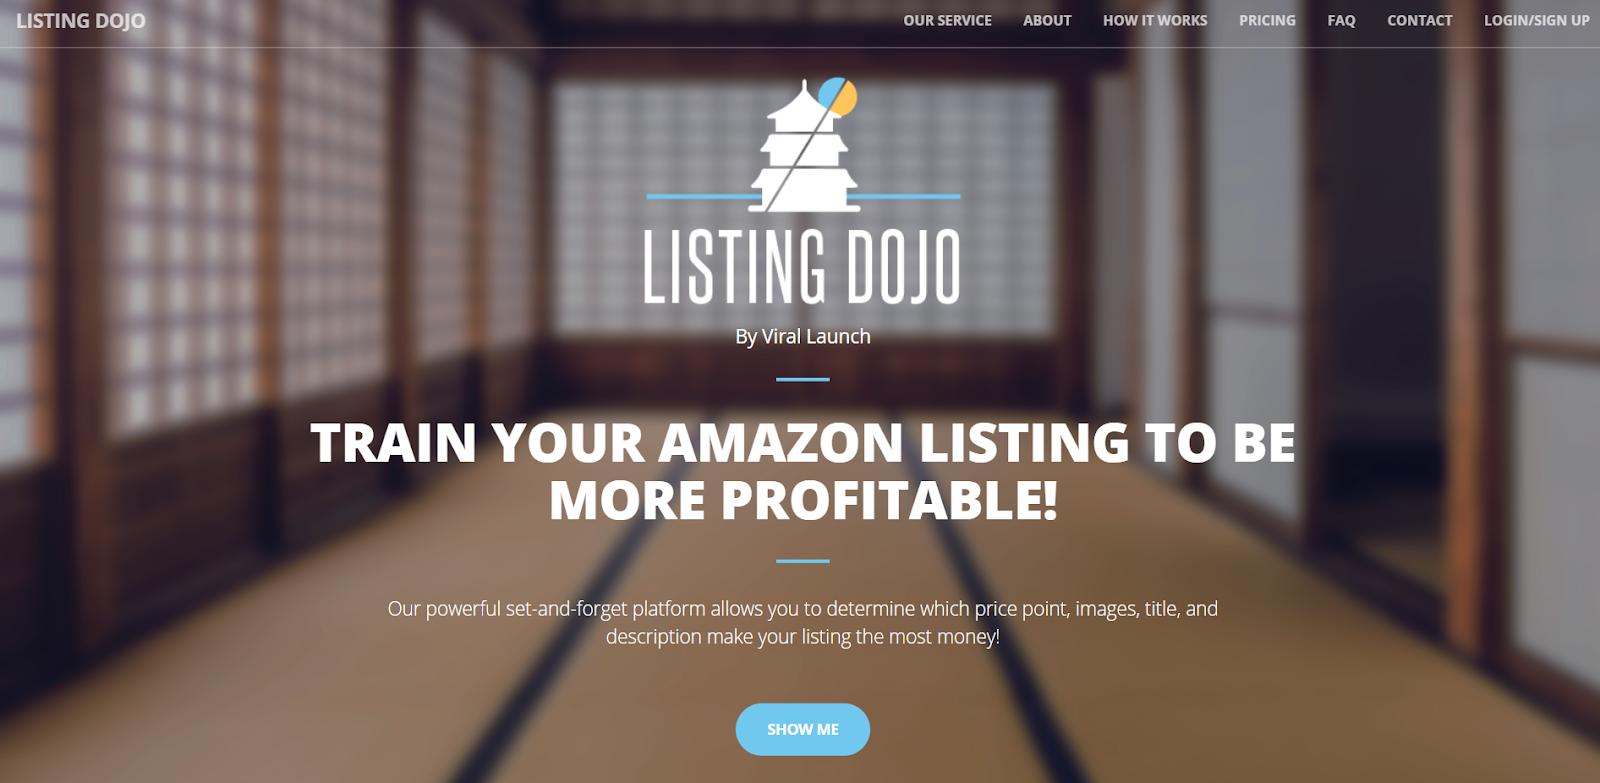 Listing Dojo